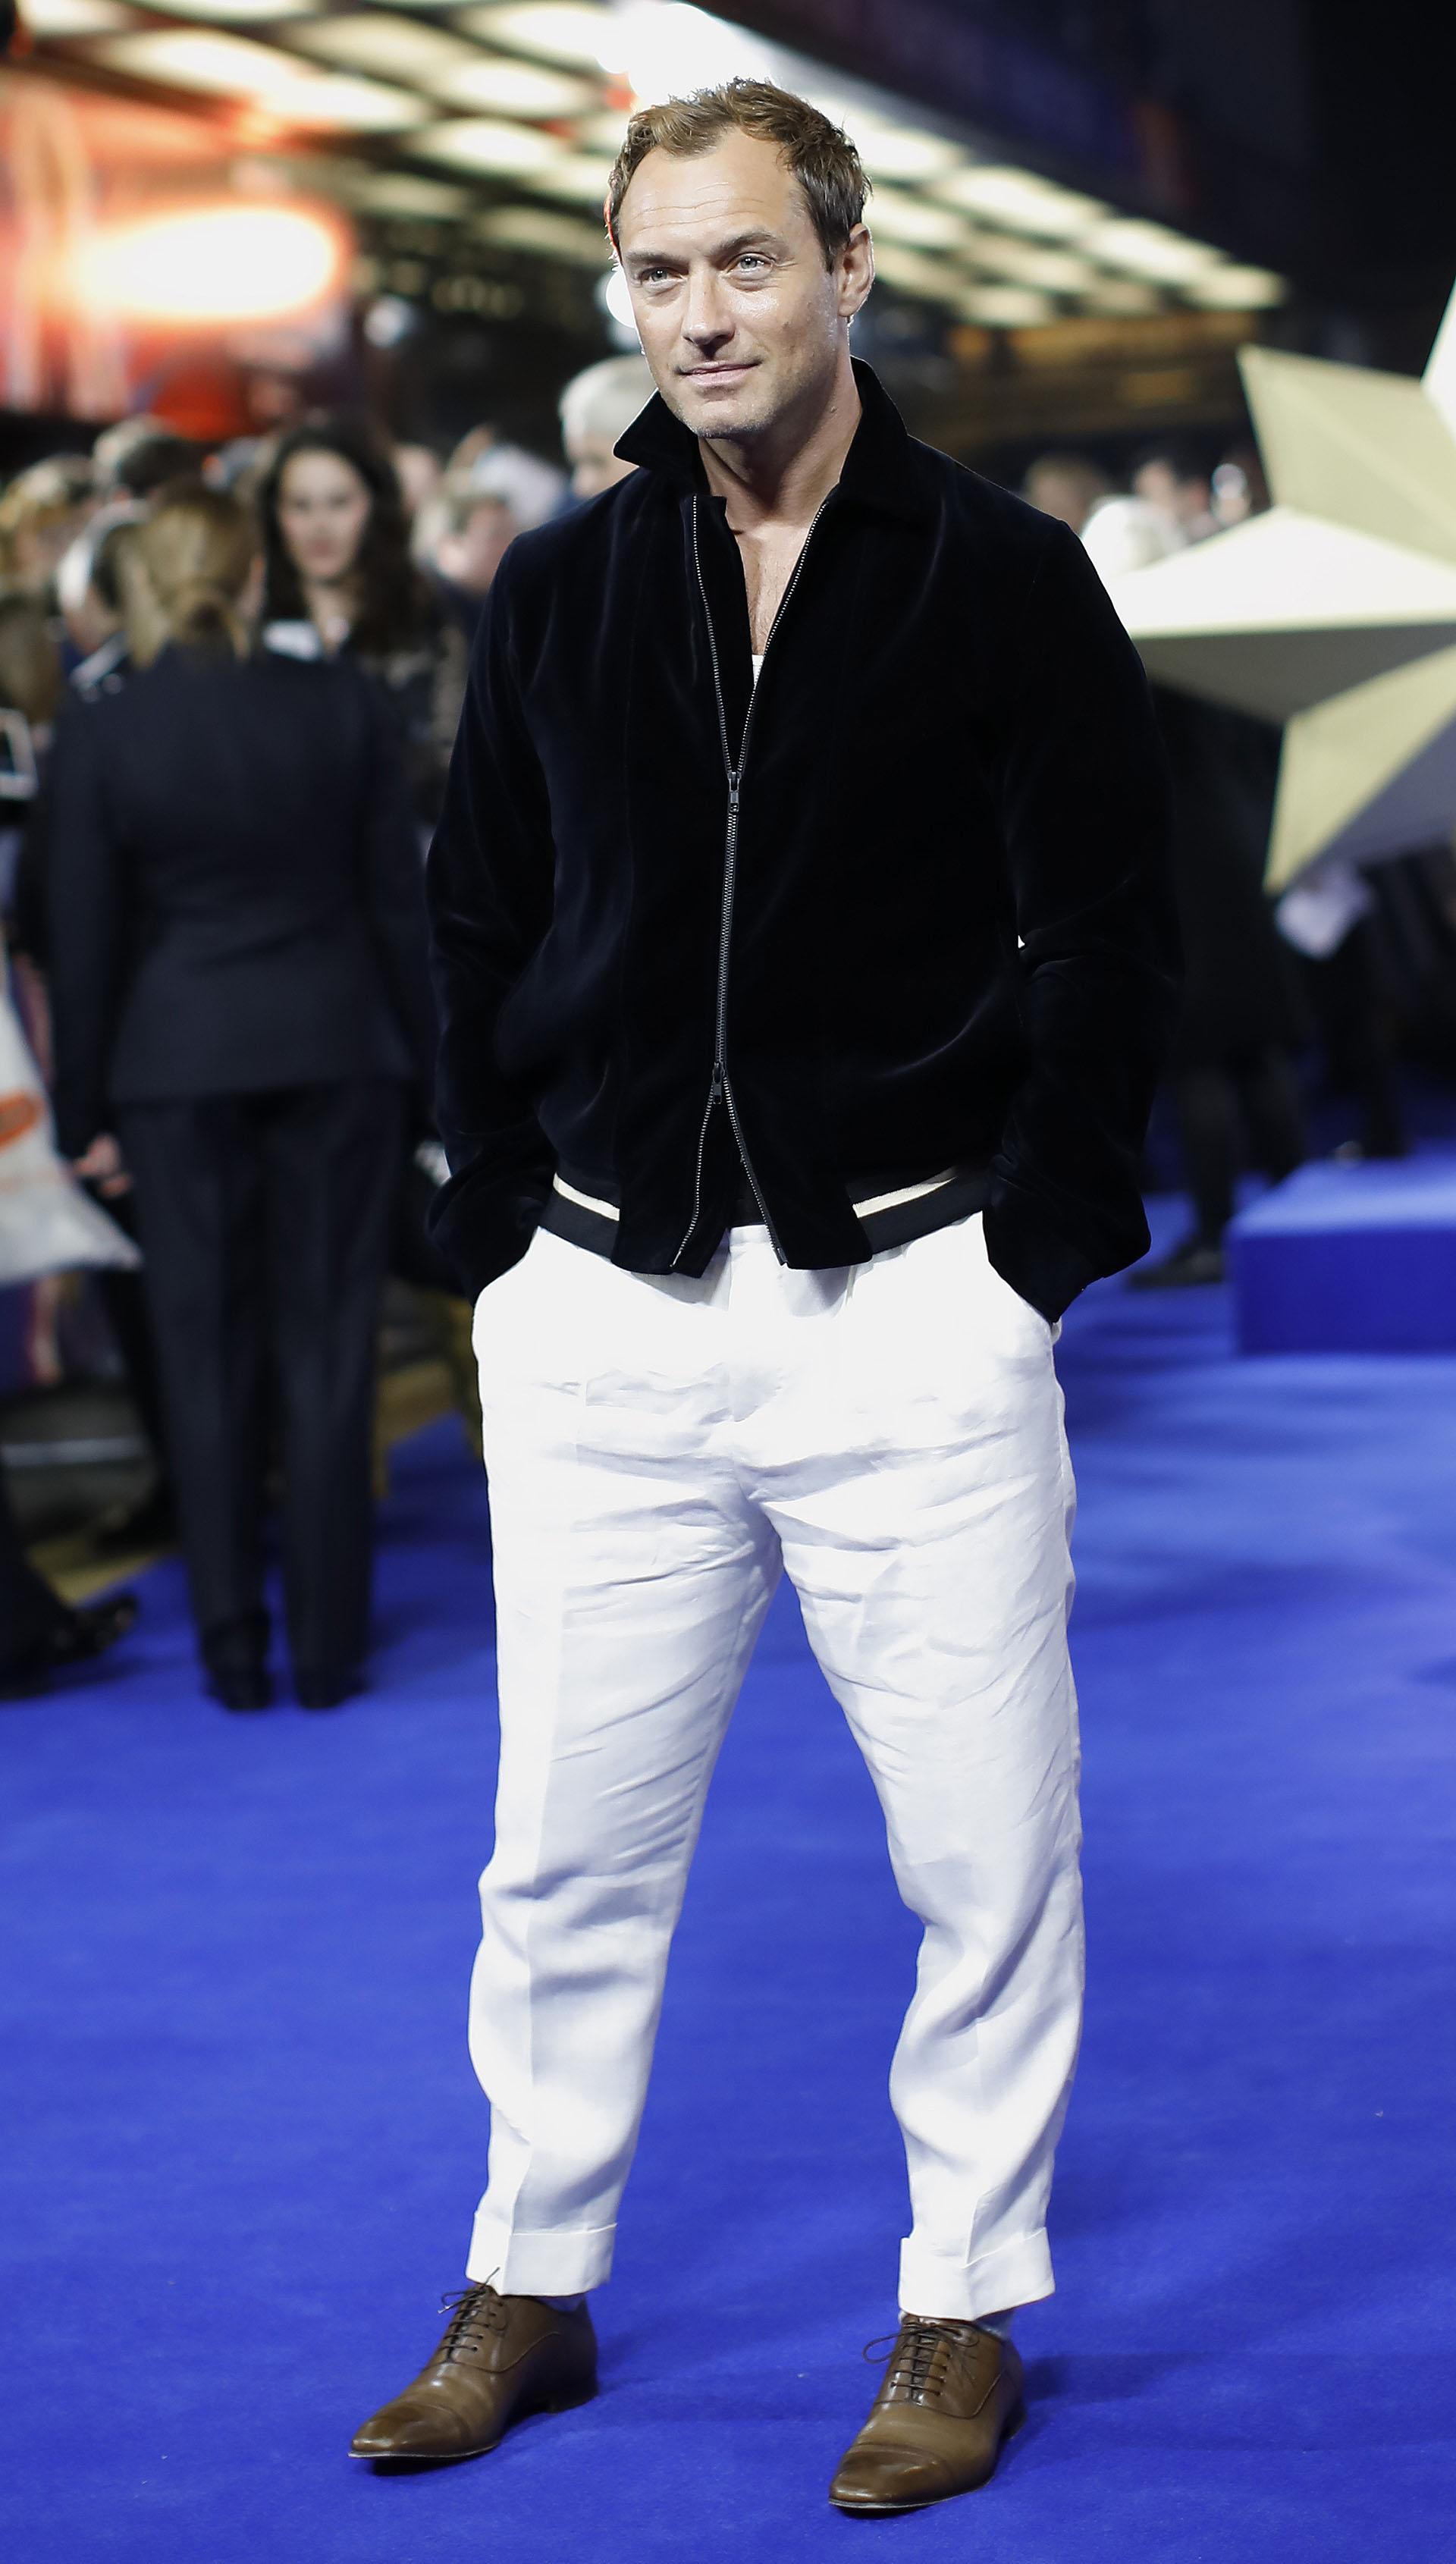 Jude Law dejo atrás el traje para vestir un equipo en blanco y negro